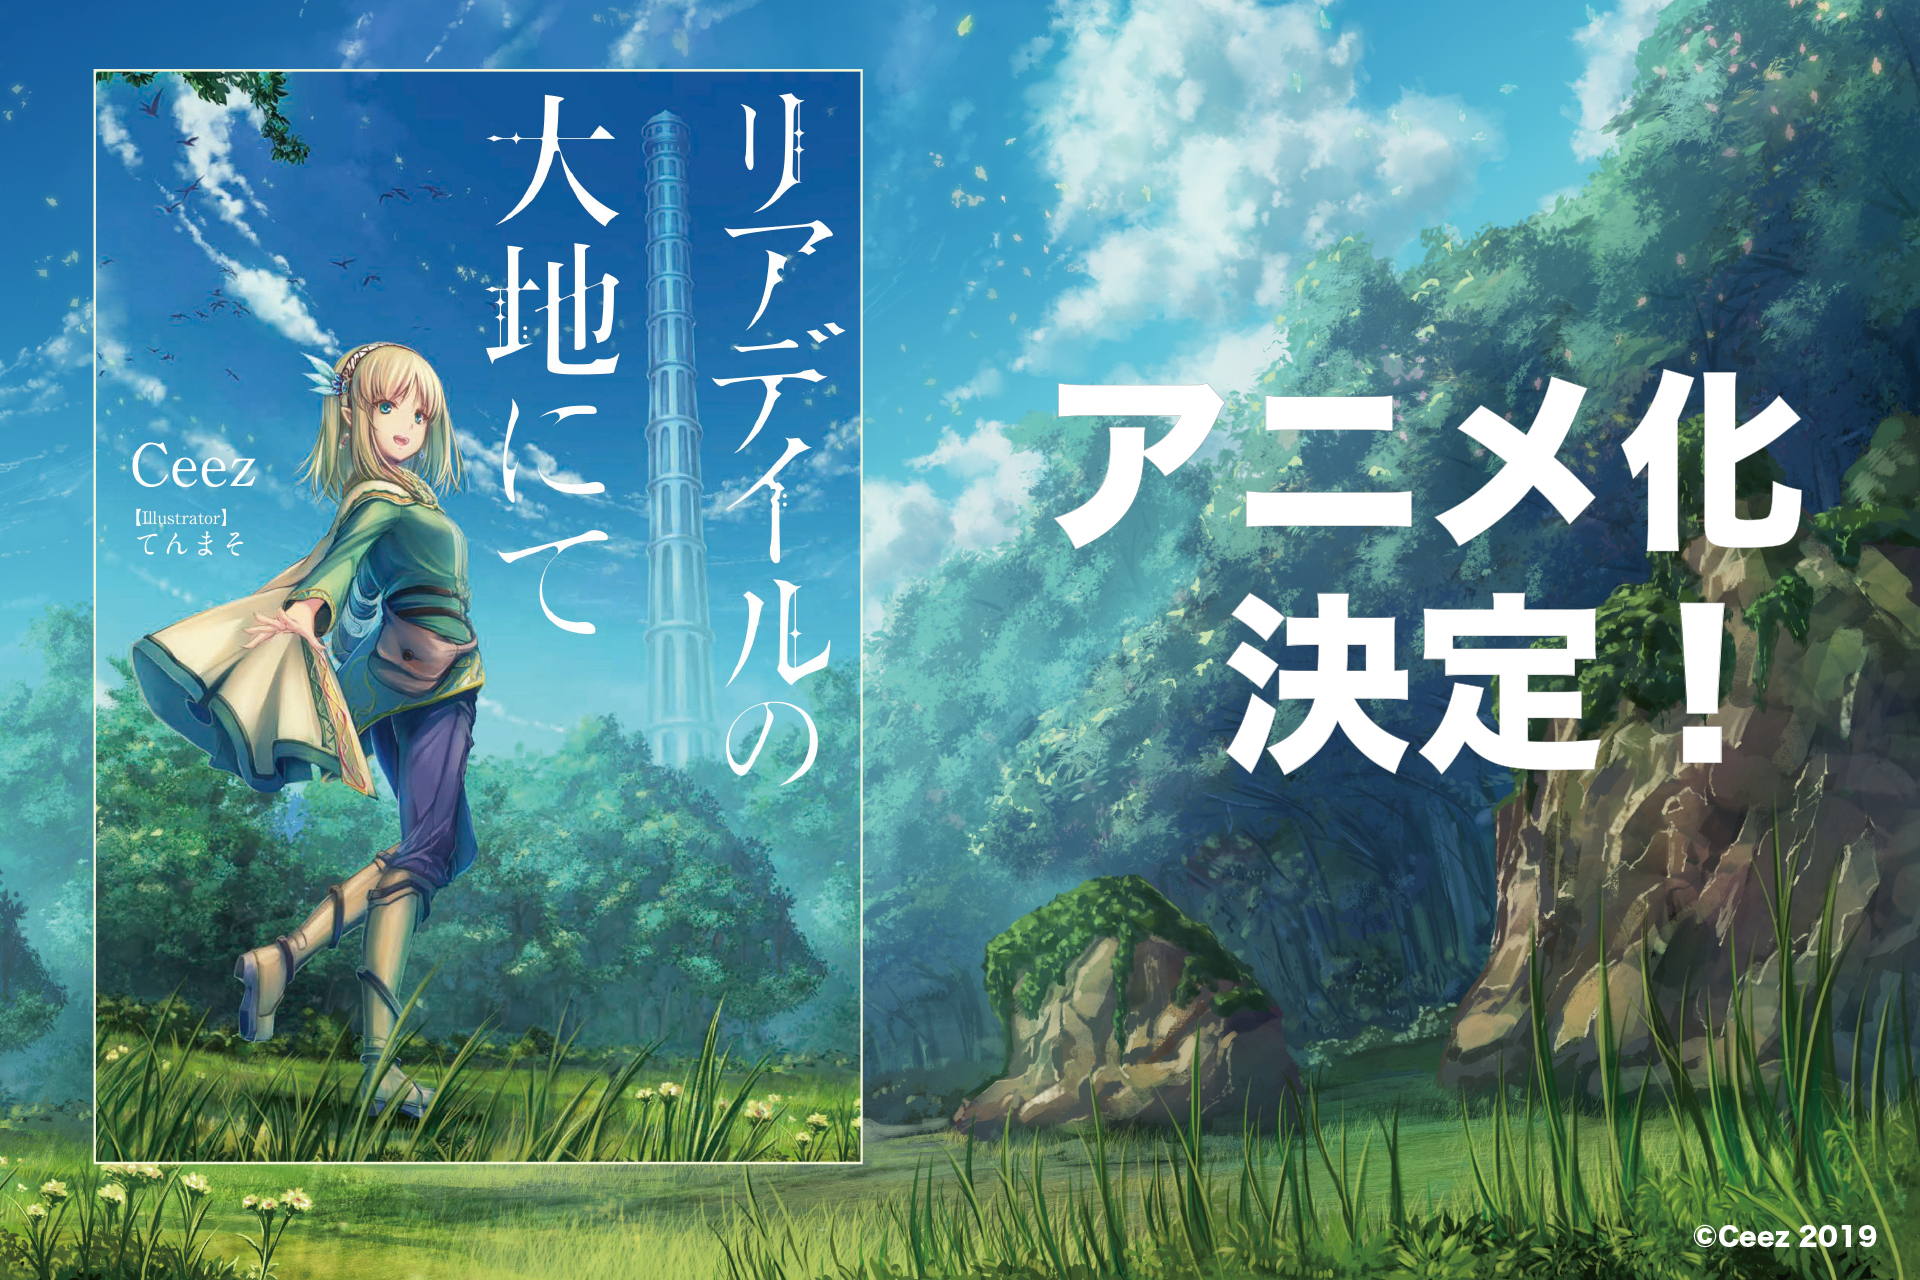 Una imagen promocional que anuncia la próxima adaptación de anime televisivo para la serie de novelas ligeras In the Land of Leadale, con ilustraciones del personaje principal, Cayna, una mujer elfa vestida como una aventurera que pasea por un campo cerca de un bosque como lo ilustra Tenmaso.